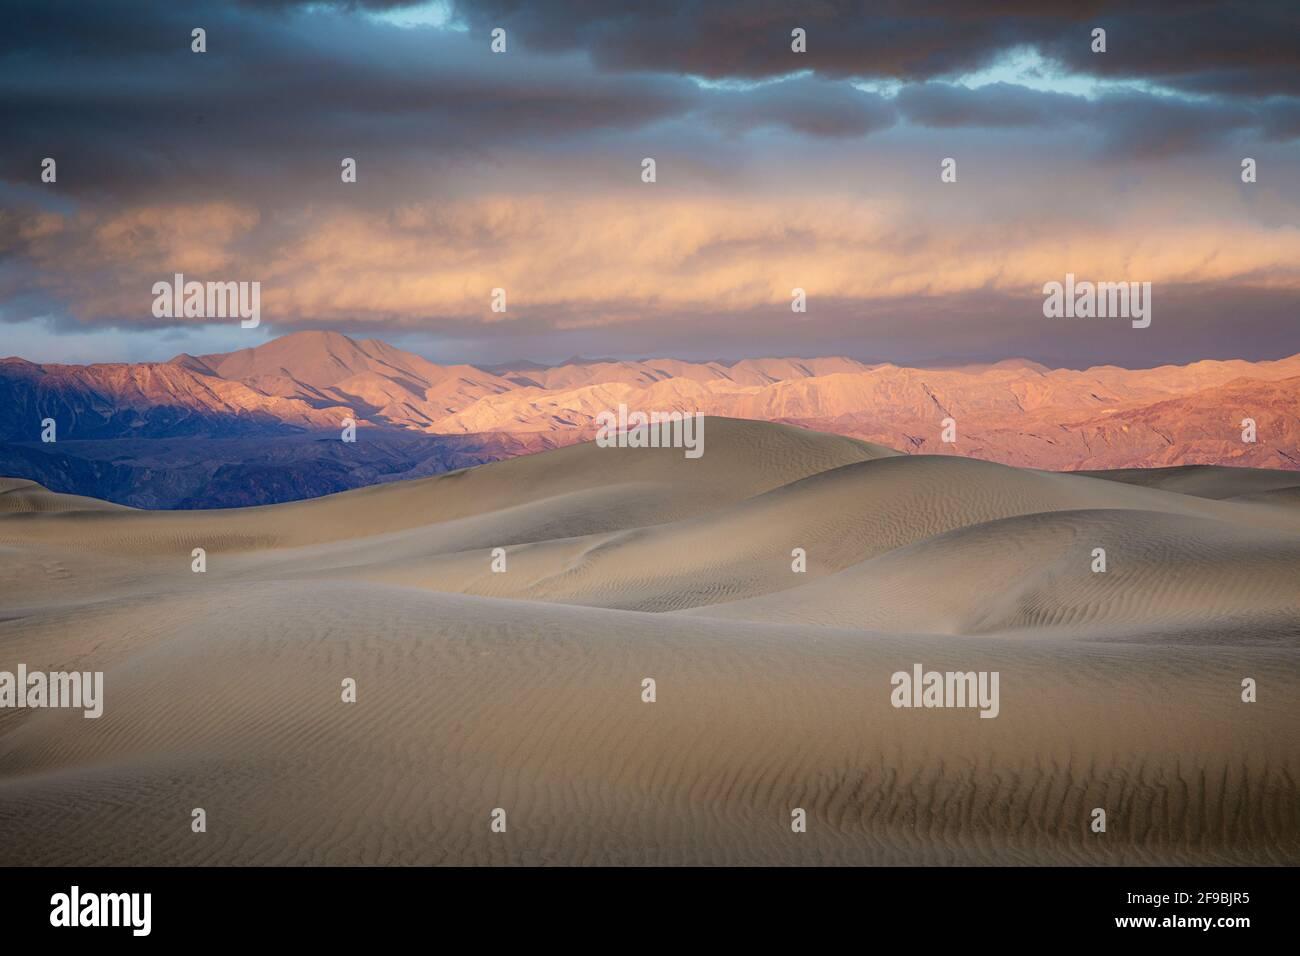 Les dunes de sable de Mesquite Flat dans la vallée de la mort, Californie. Banque D'Images